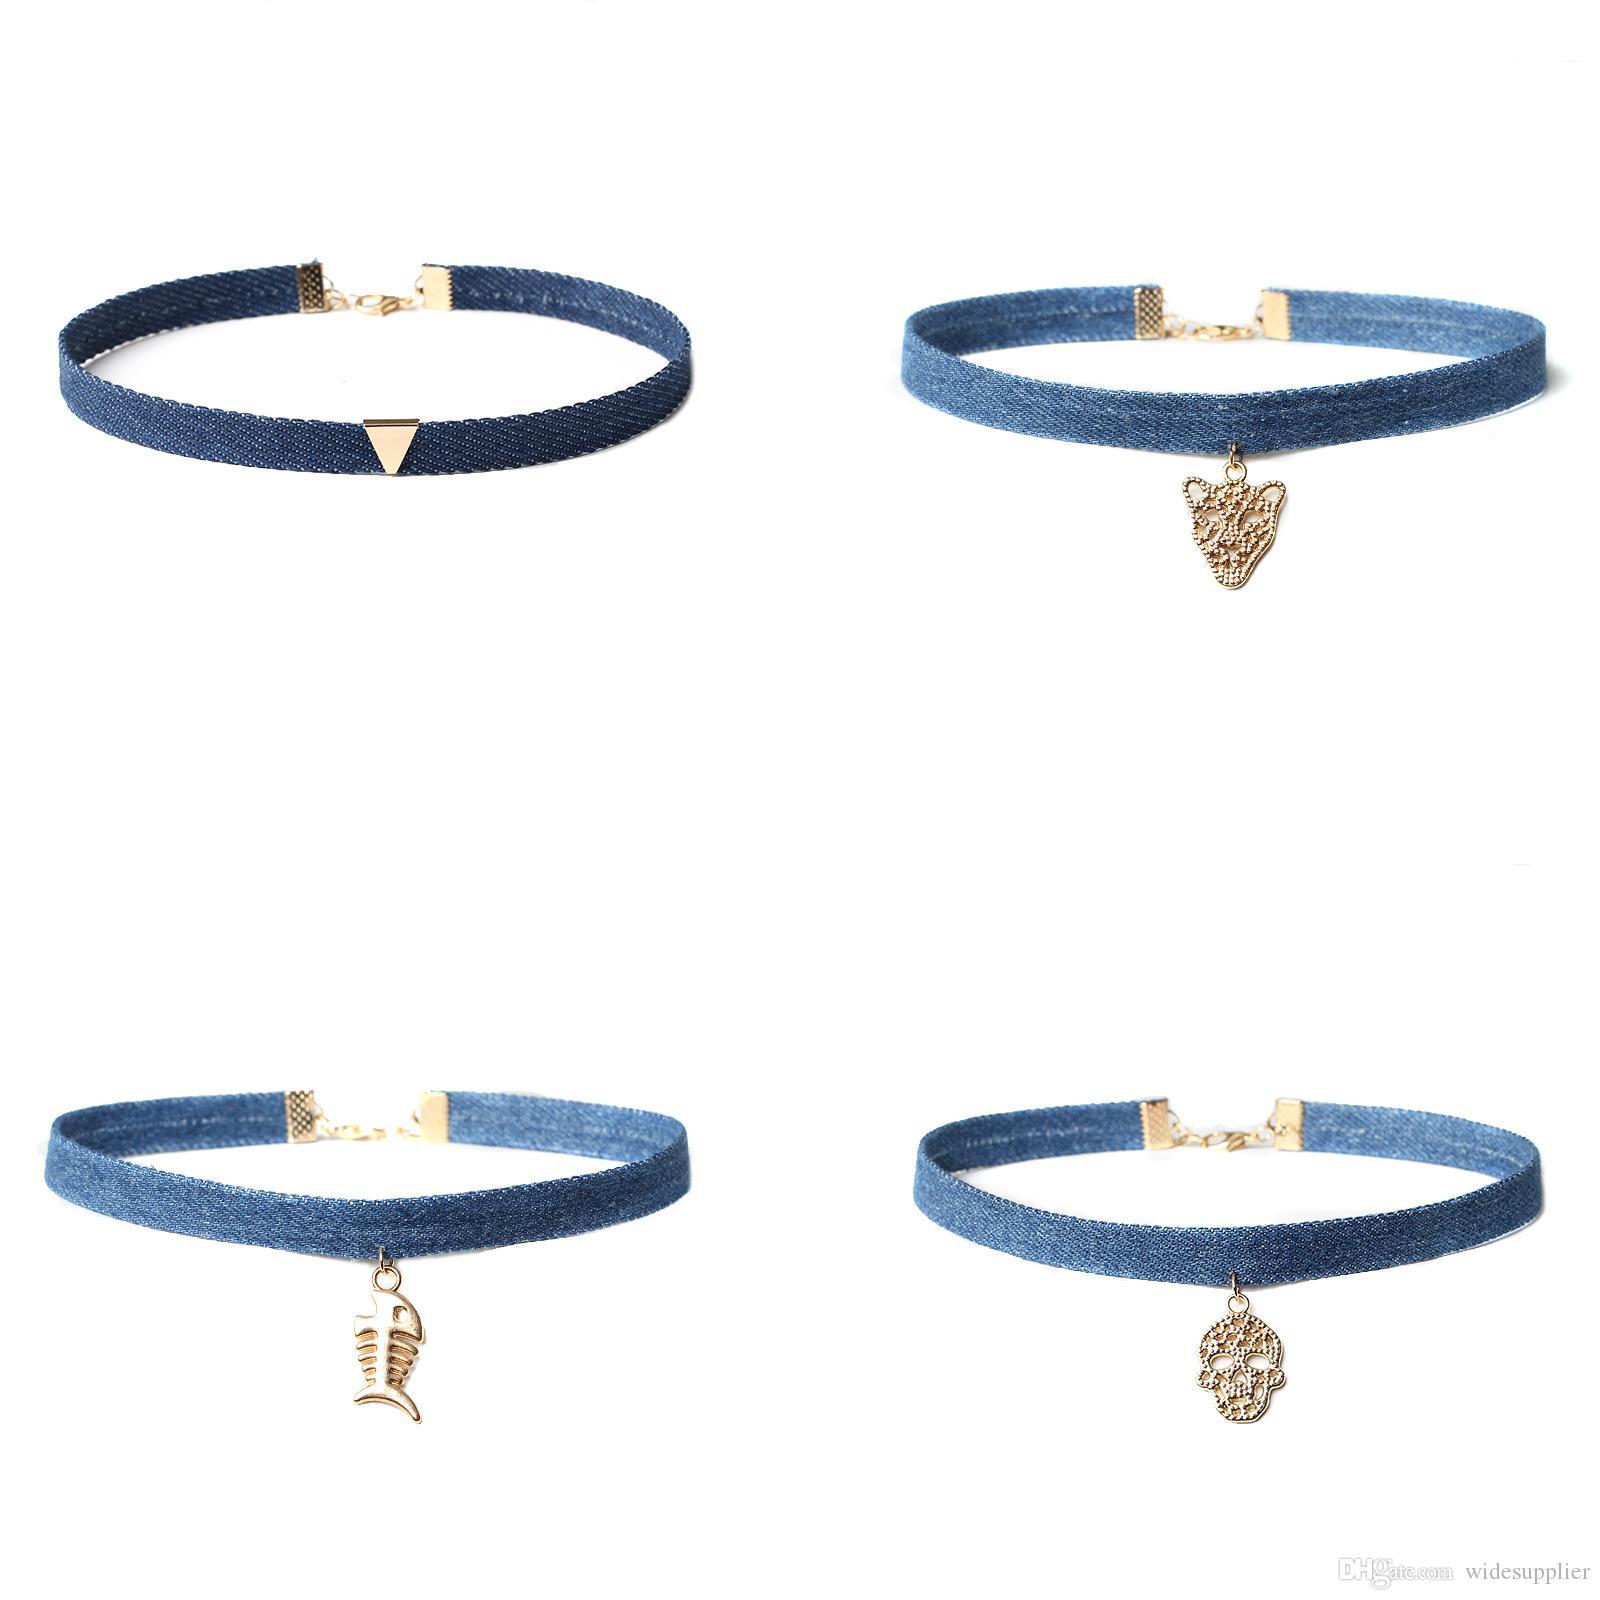 47 Arten Hot Choker Aussage Halsketten 2017 Harajuku Persönlichkeit Modelle Multilayer Spitze Mode Halsketten Halsreifen Fabrik Preis